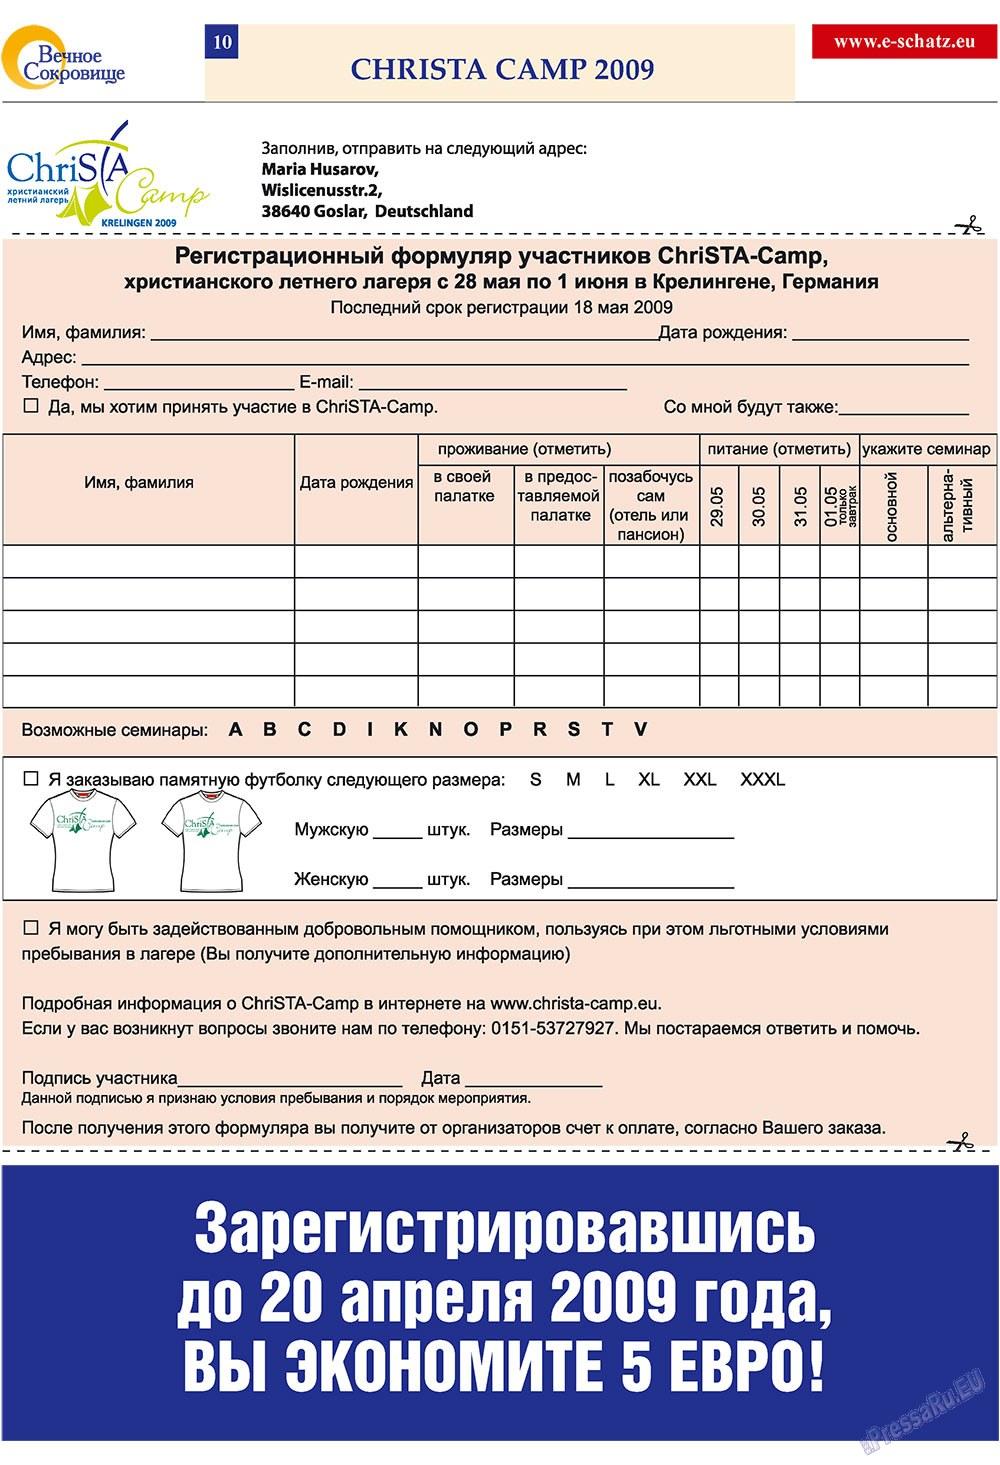 Вечное сокровище (газета). 2009 год, номер 1, стр. 10